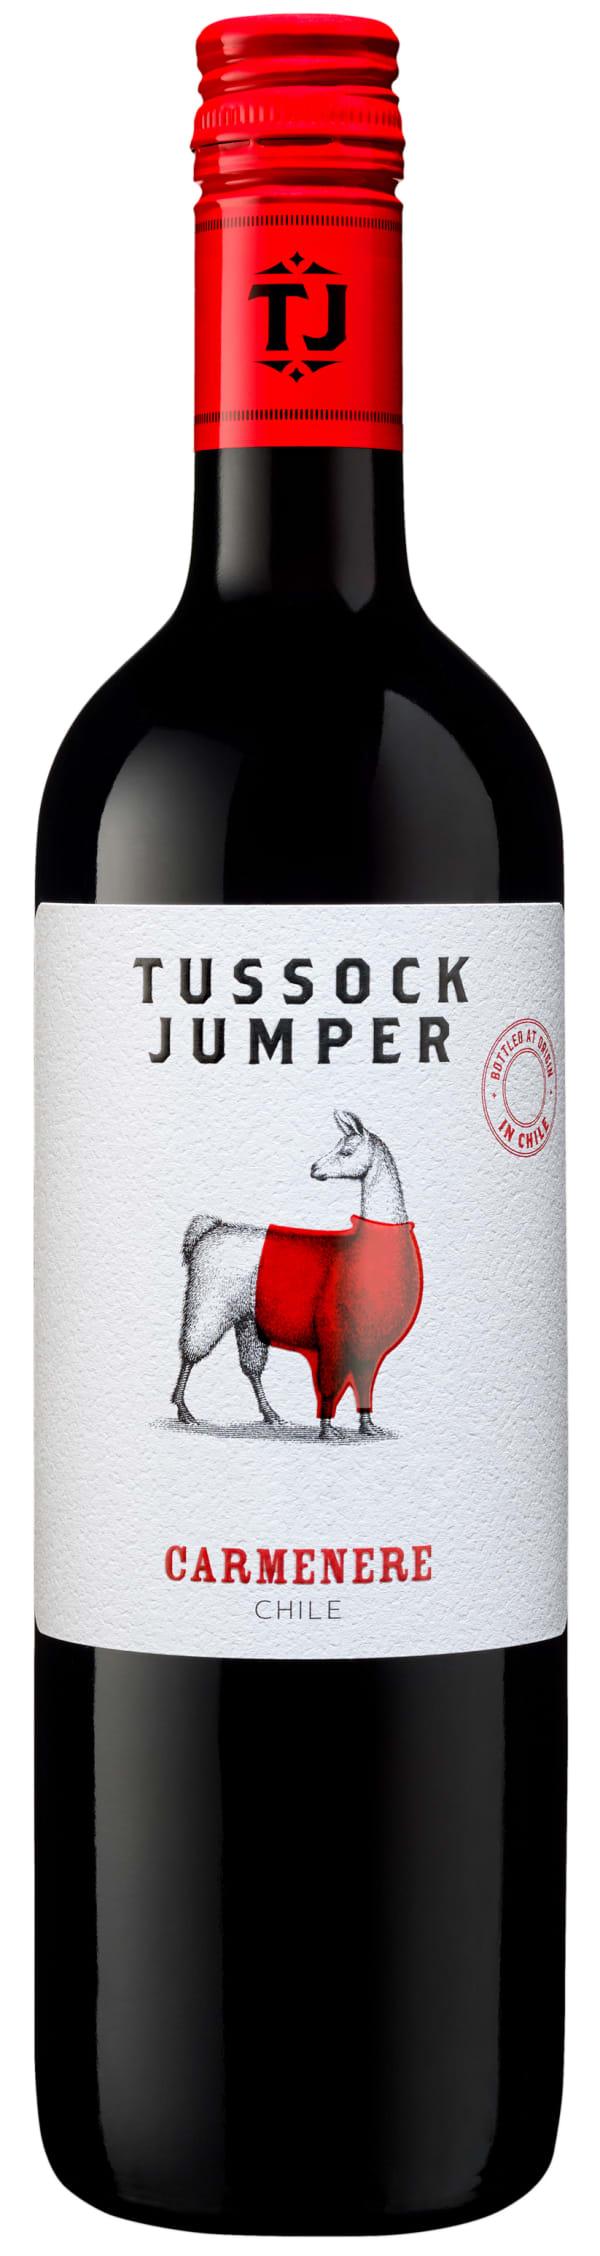 Tussock Jumper Carmenere 2017